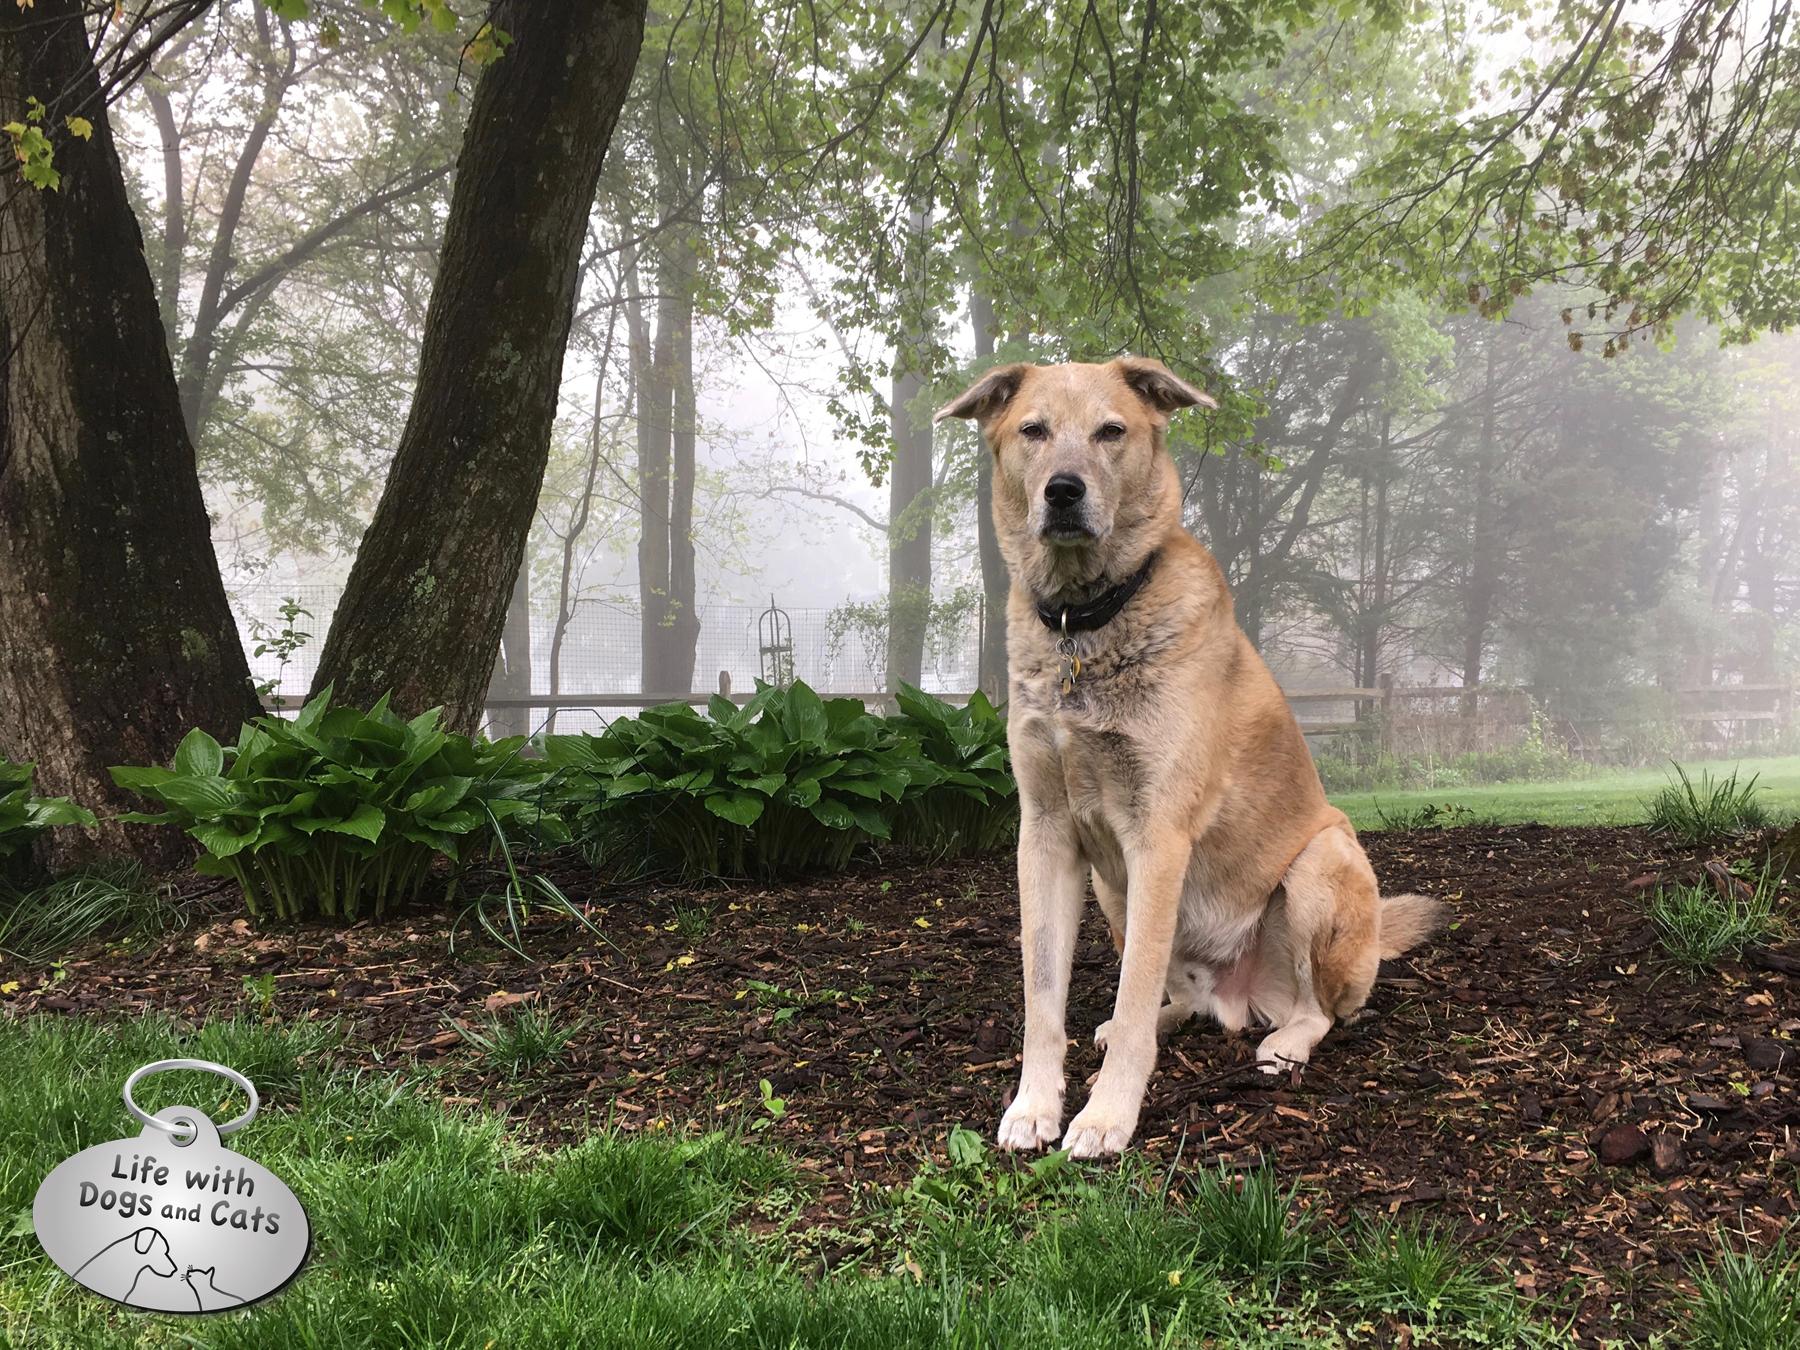 Jasper on his grass-free island.